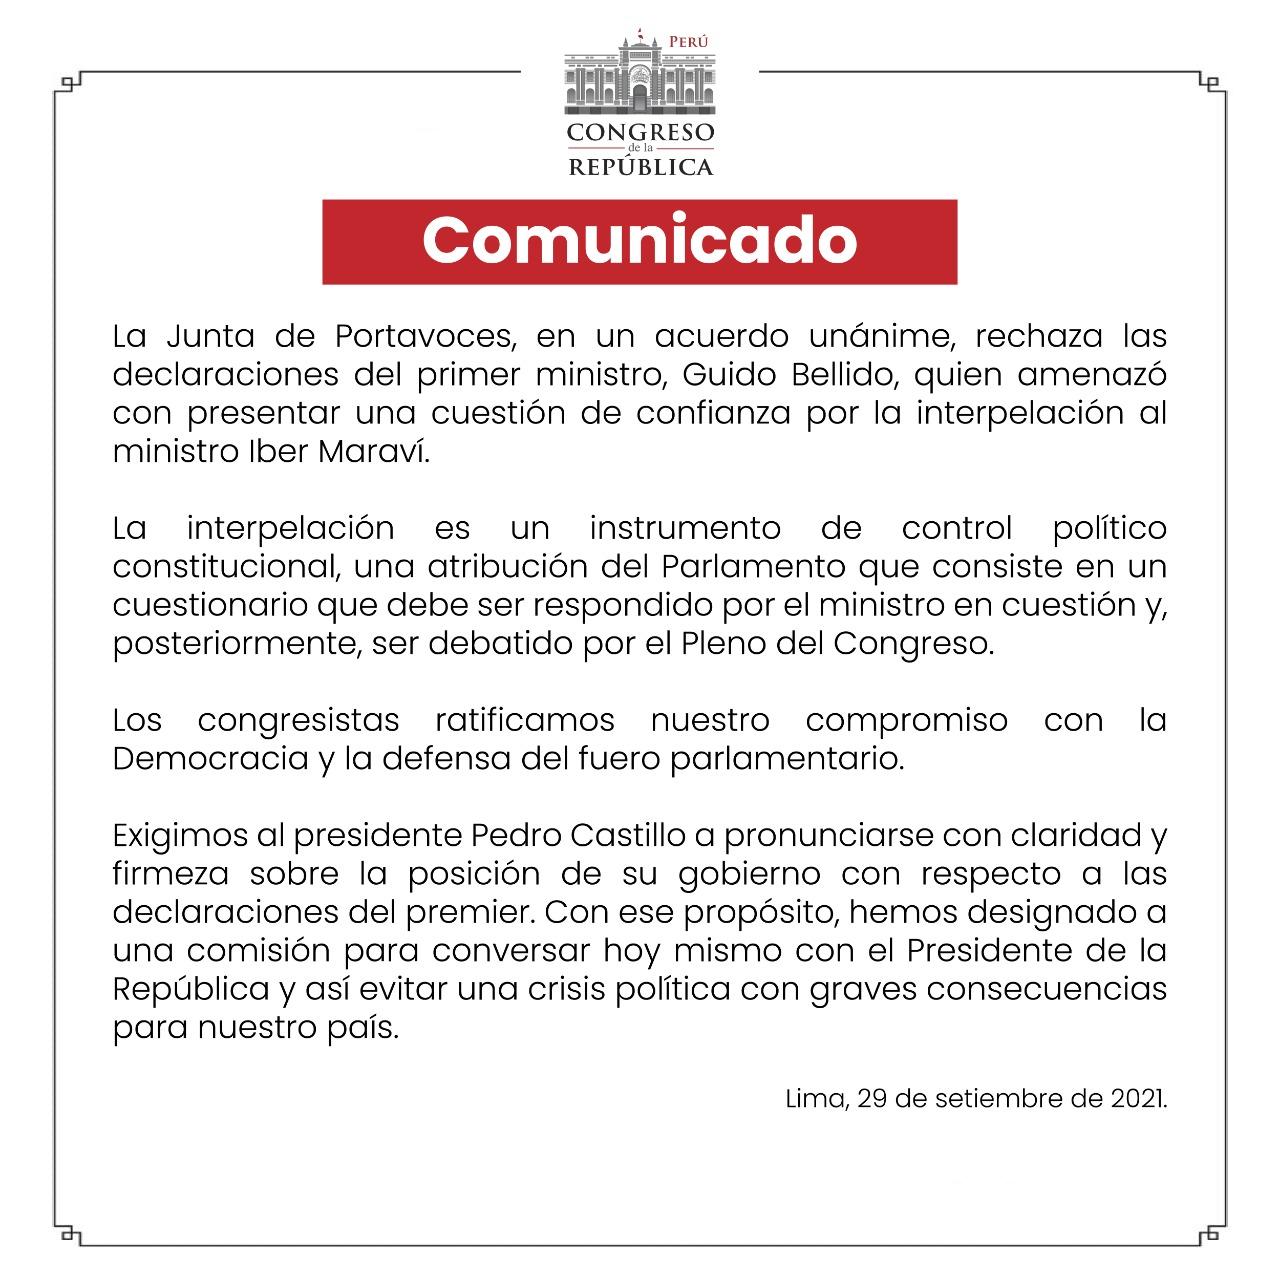 Comunicado del congreso de la República.